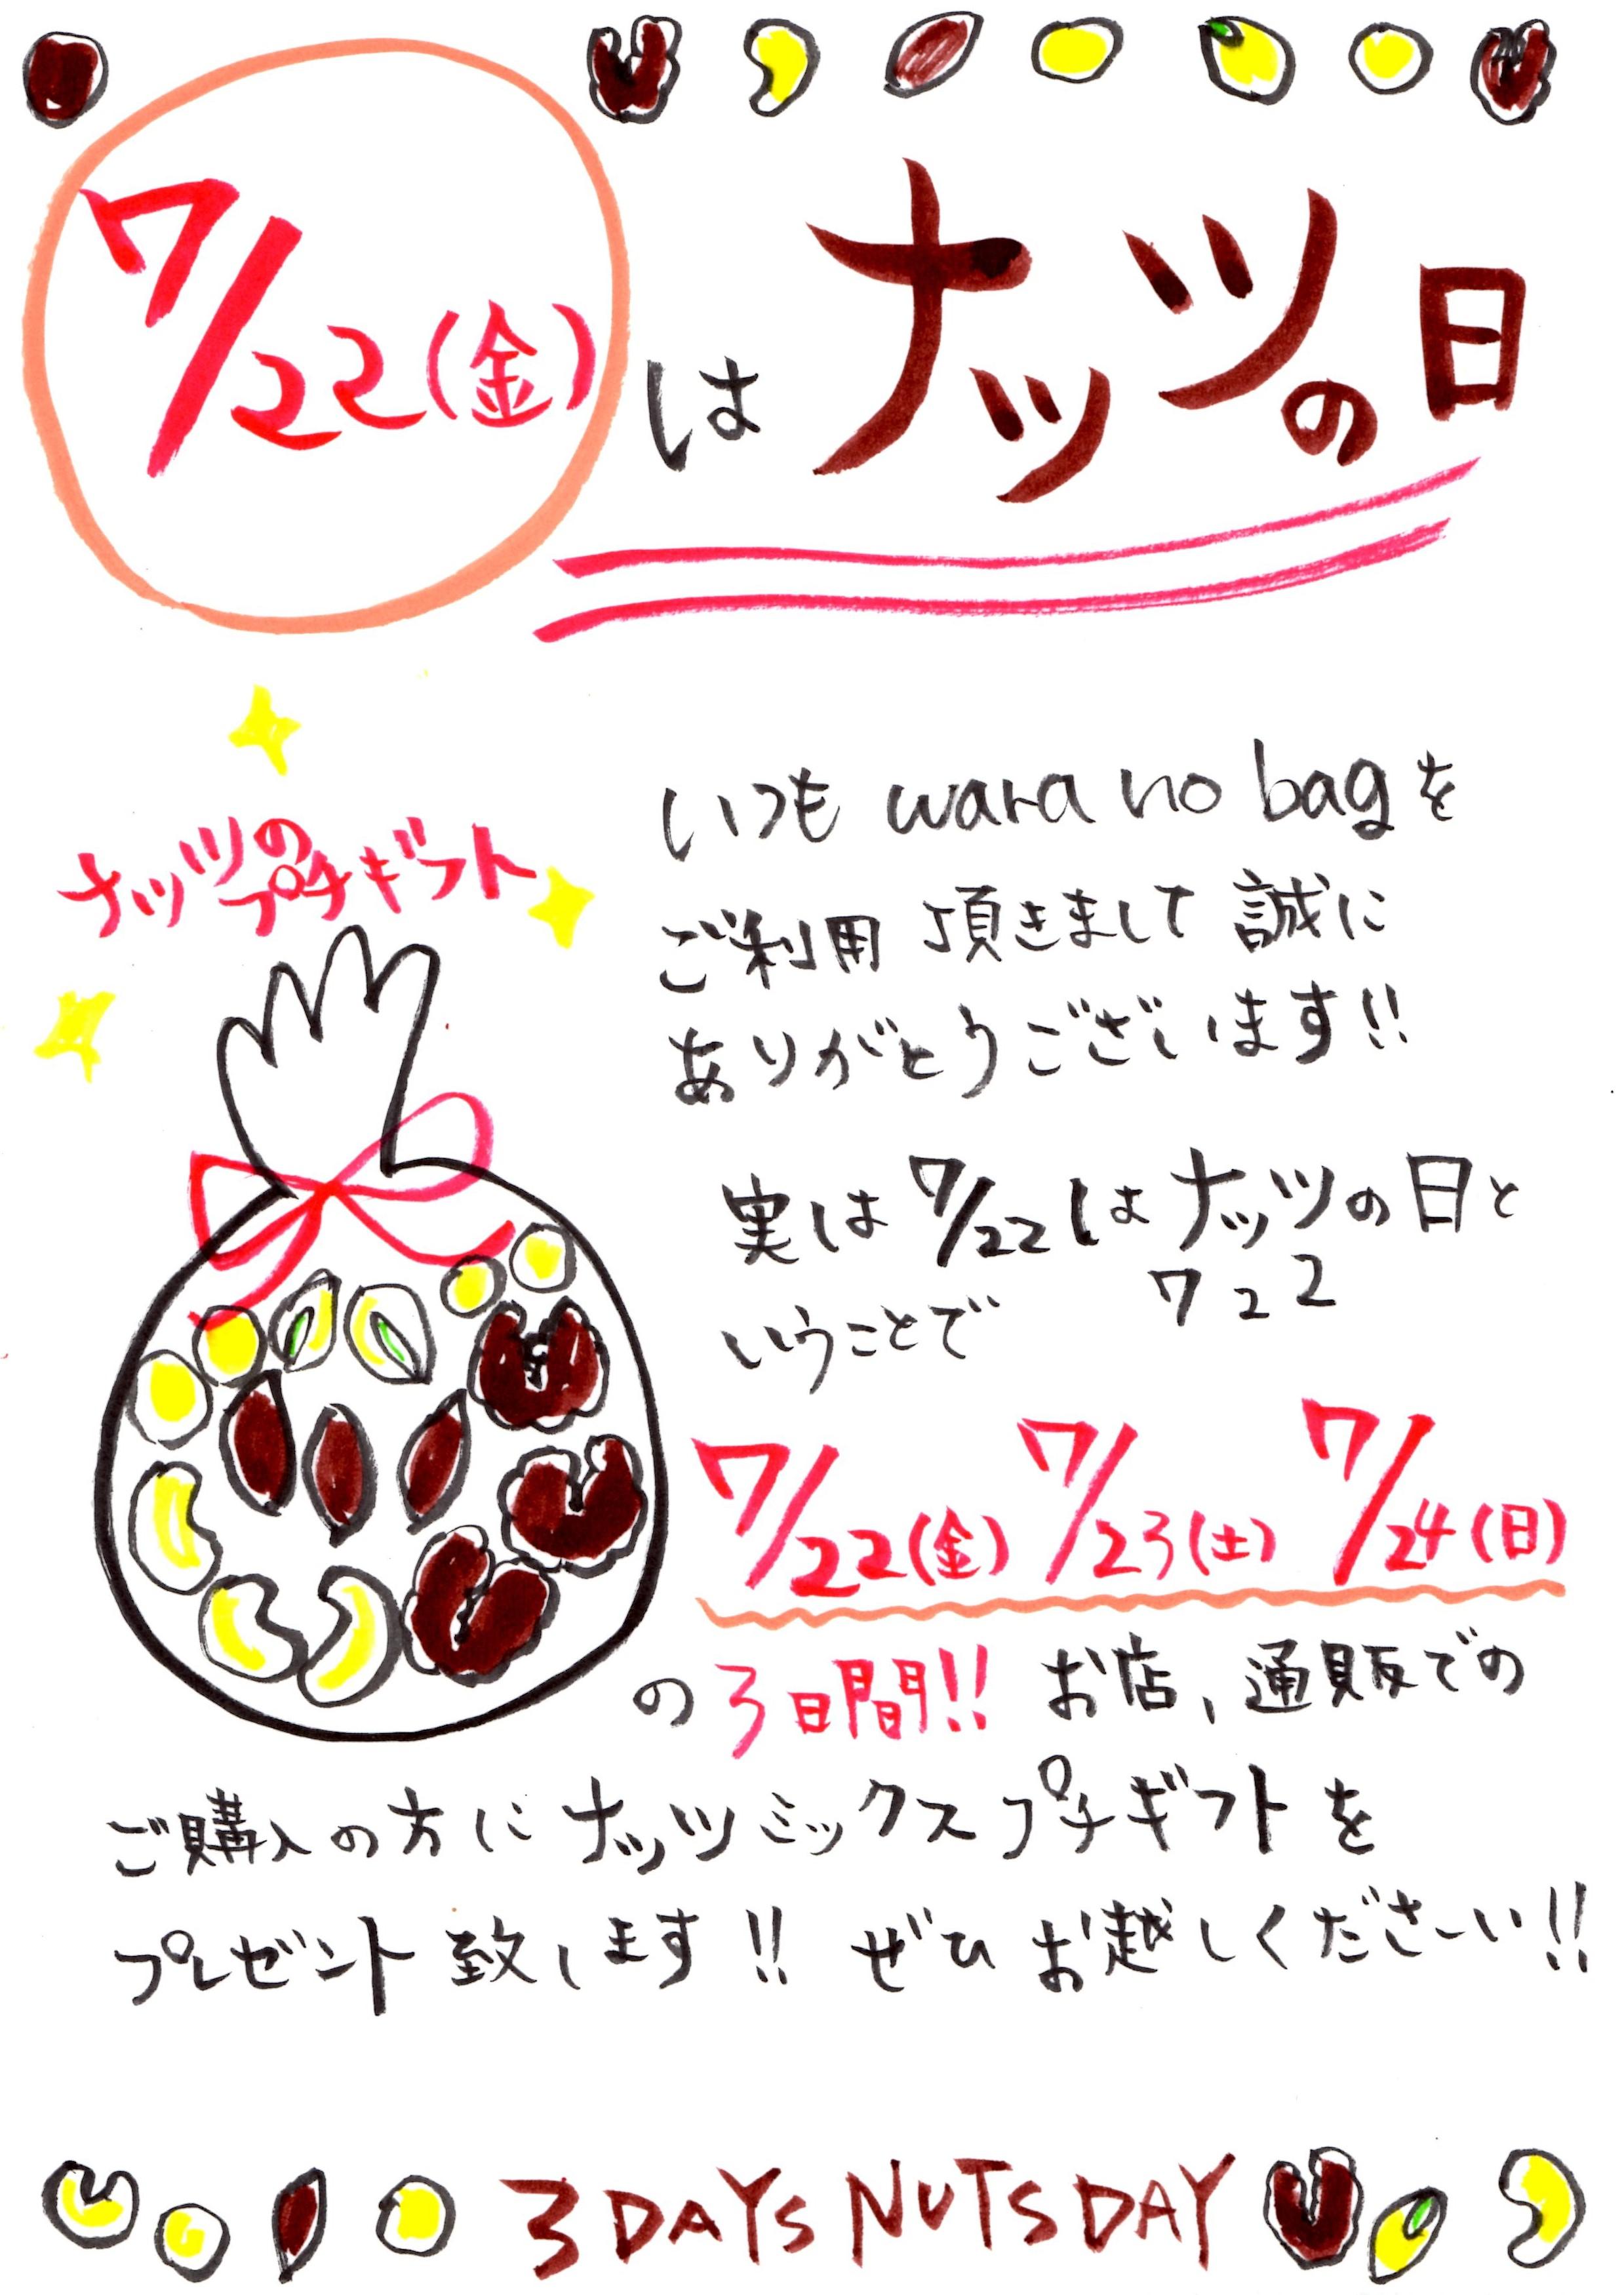 【予告!!】7月22日ナッツの日 ナッツミックスプチギフト プレゼント!!